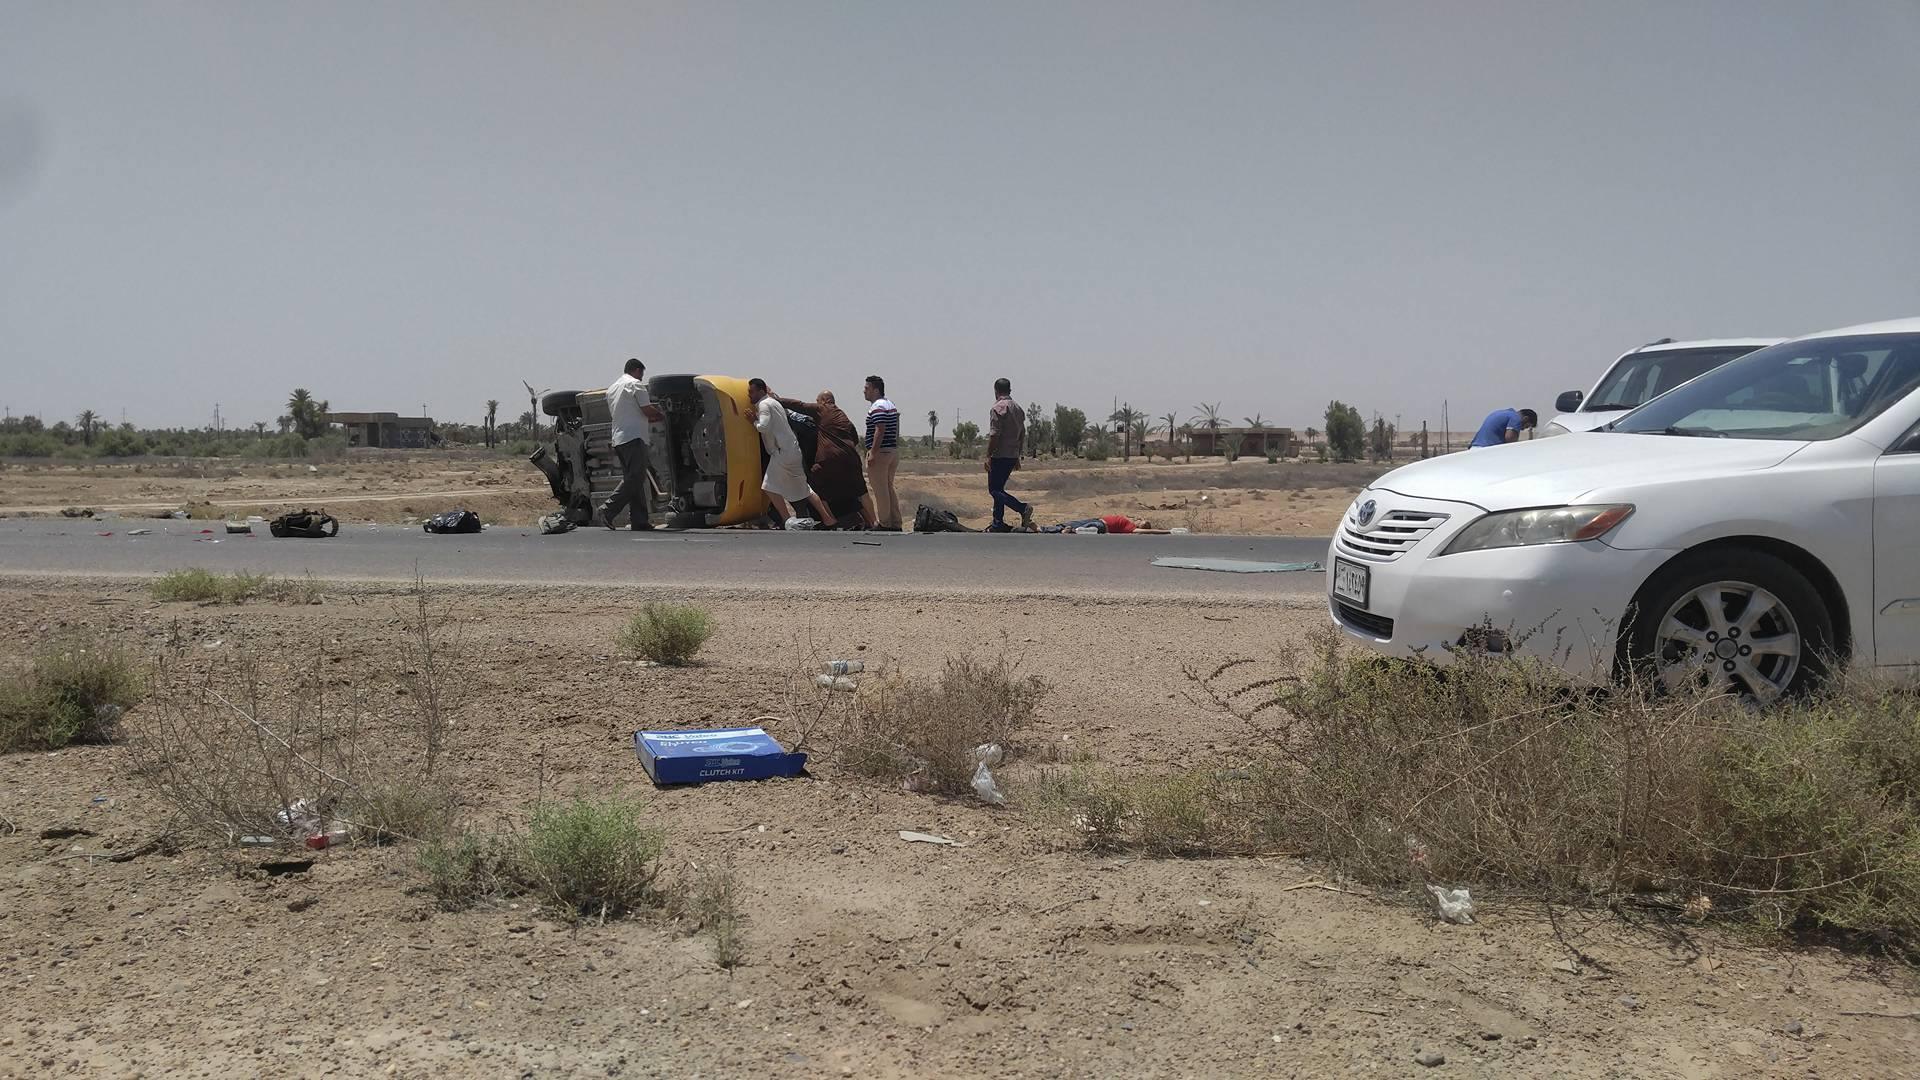 مصرع واصابة أربعة اشخاص في حادث سير غرب الفلوجة